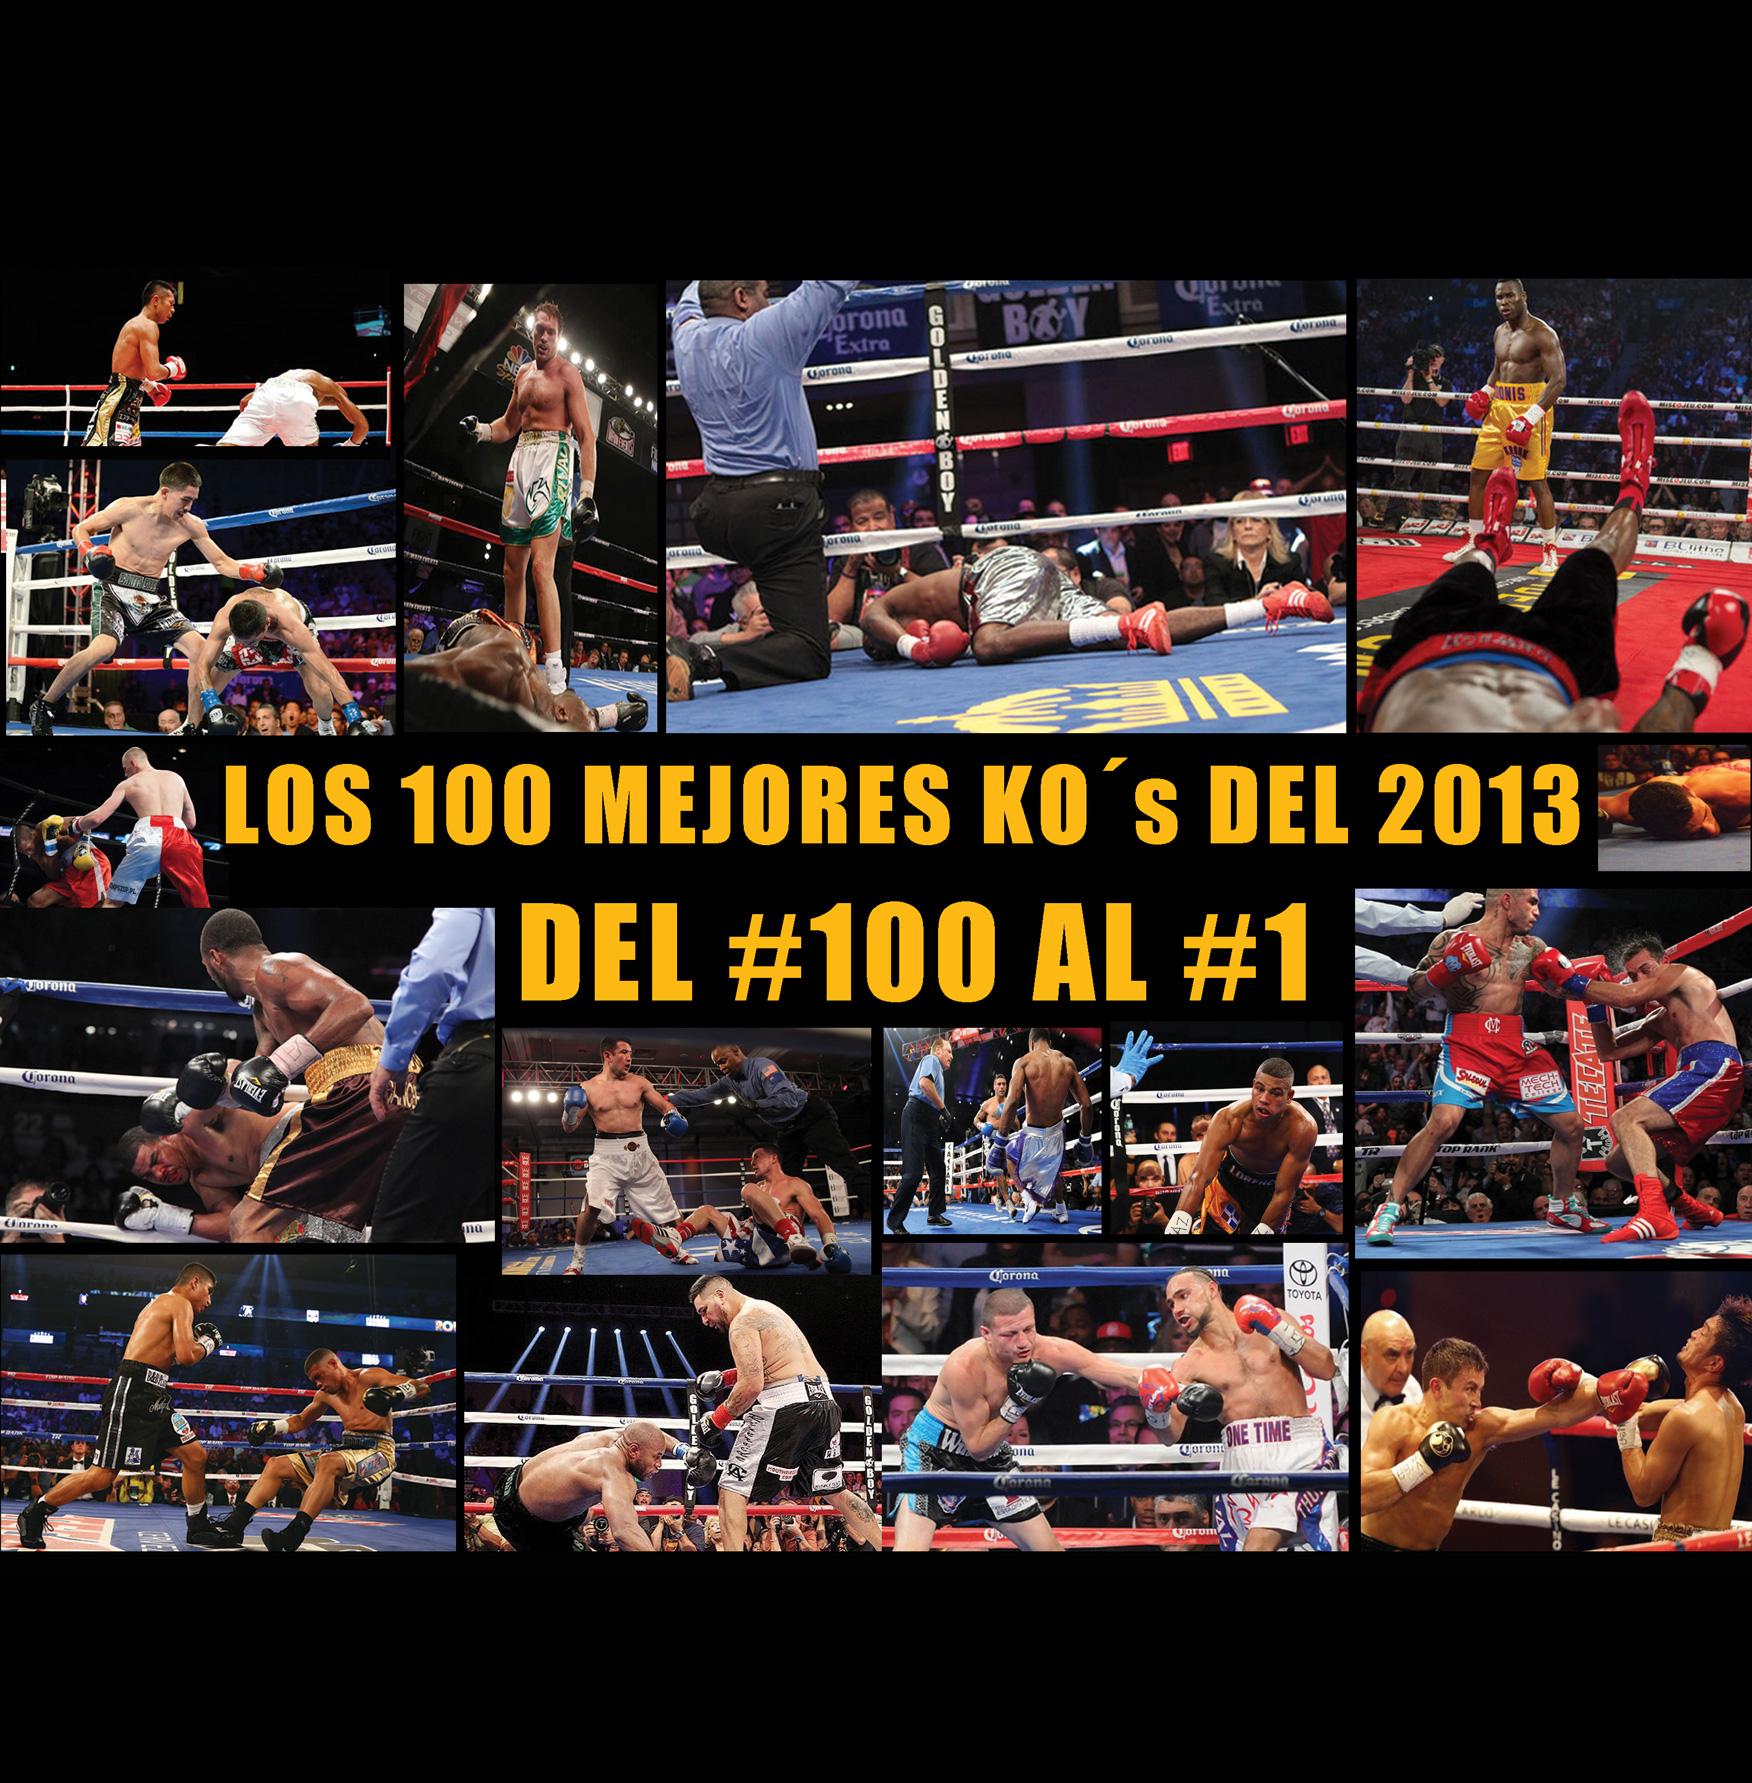 Los 100 mejores KOs del 2013, hoy por LMB